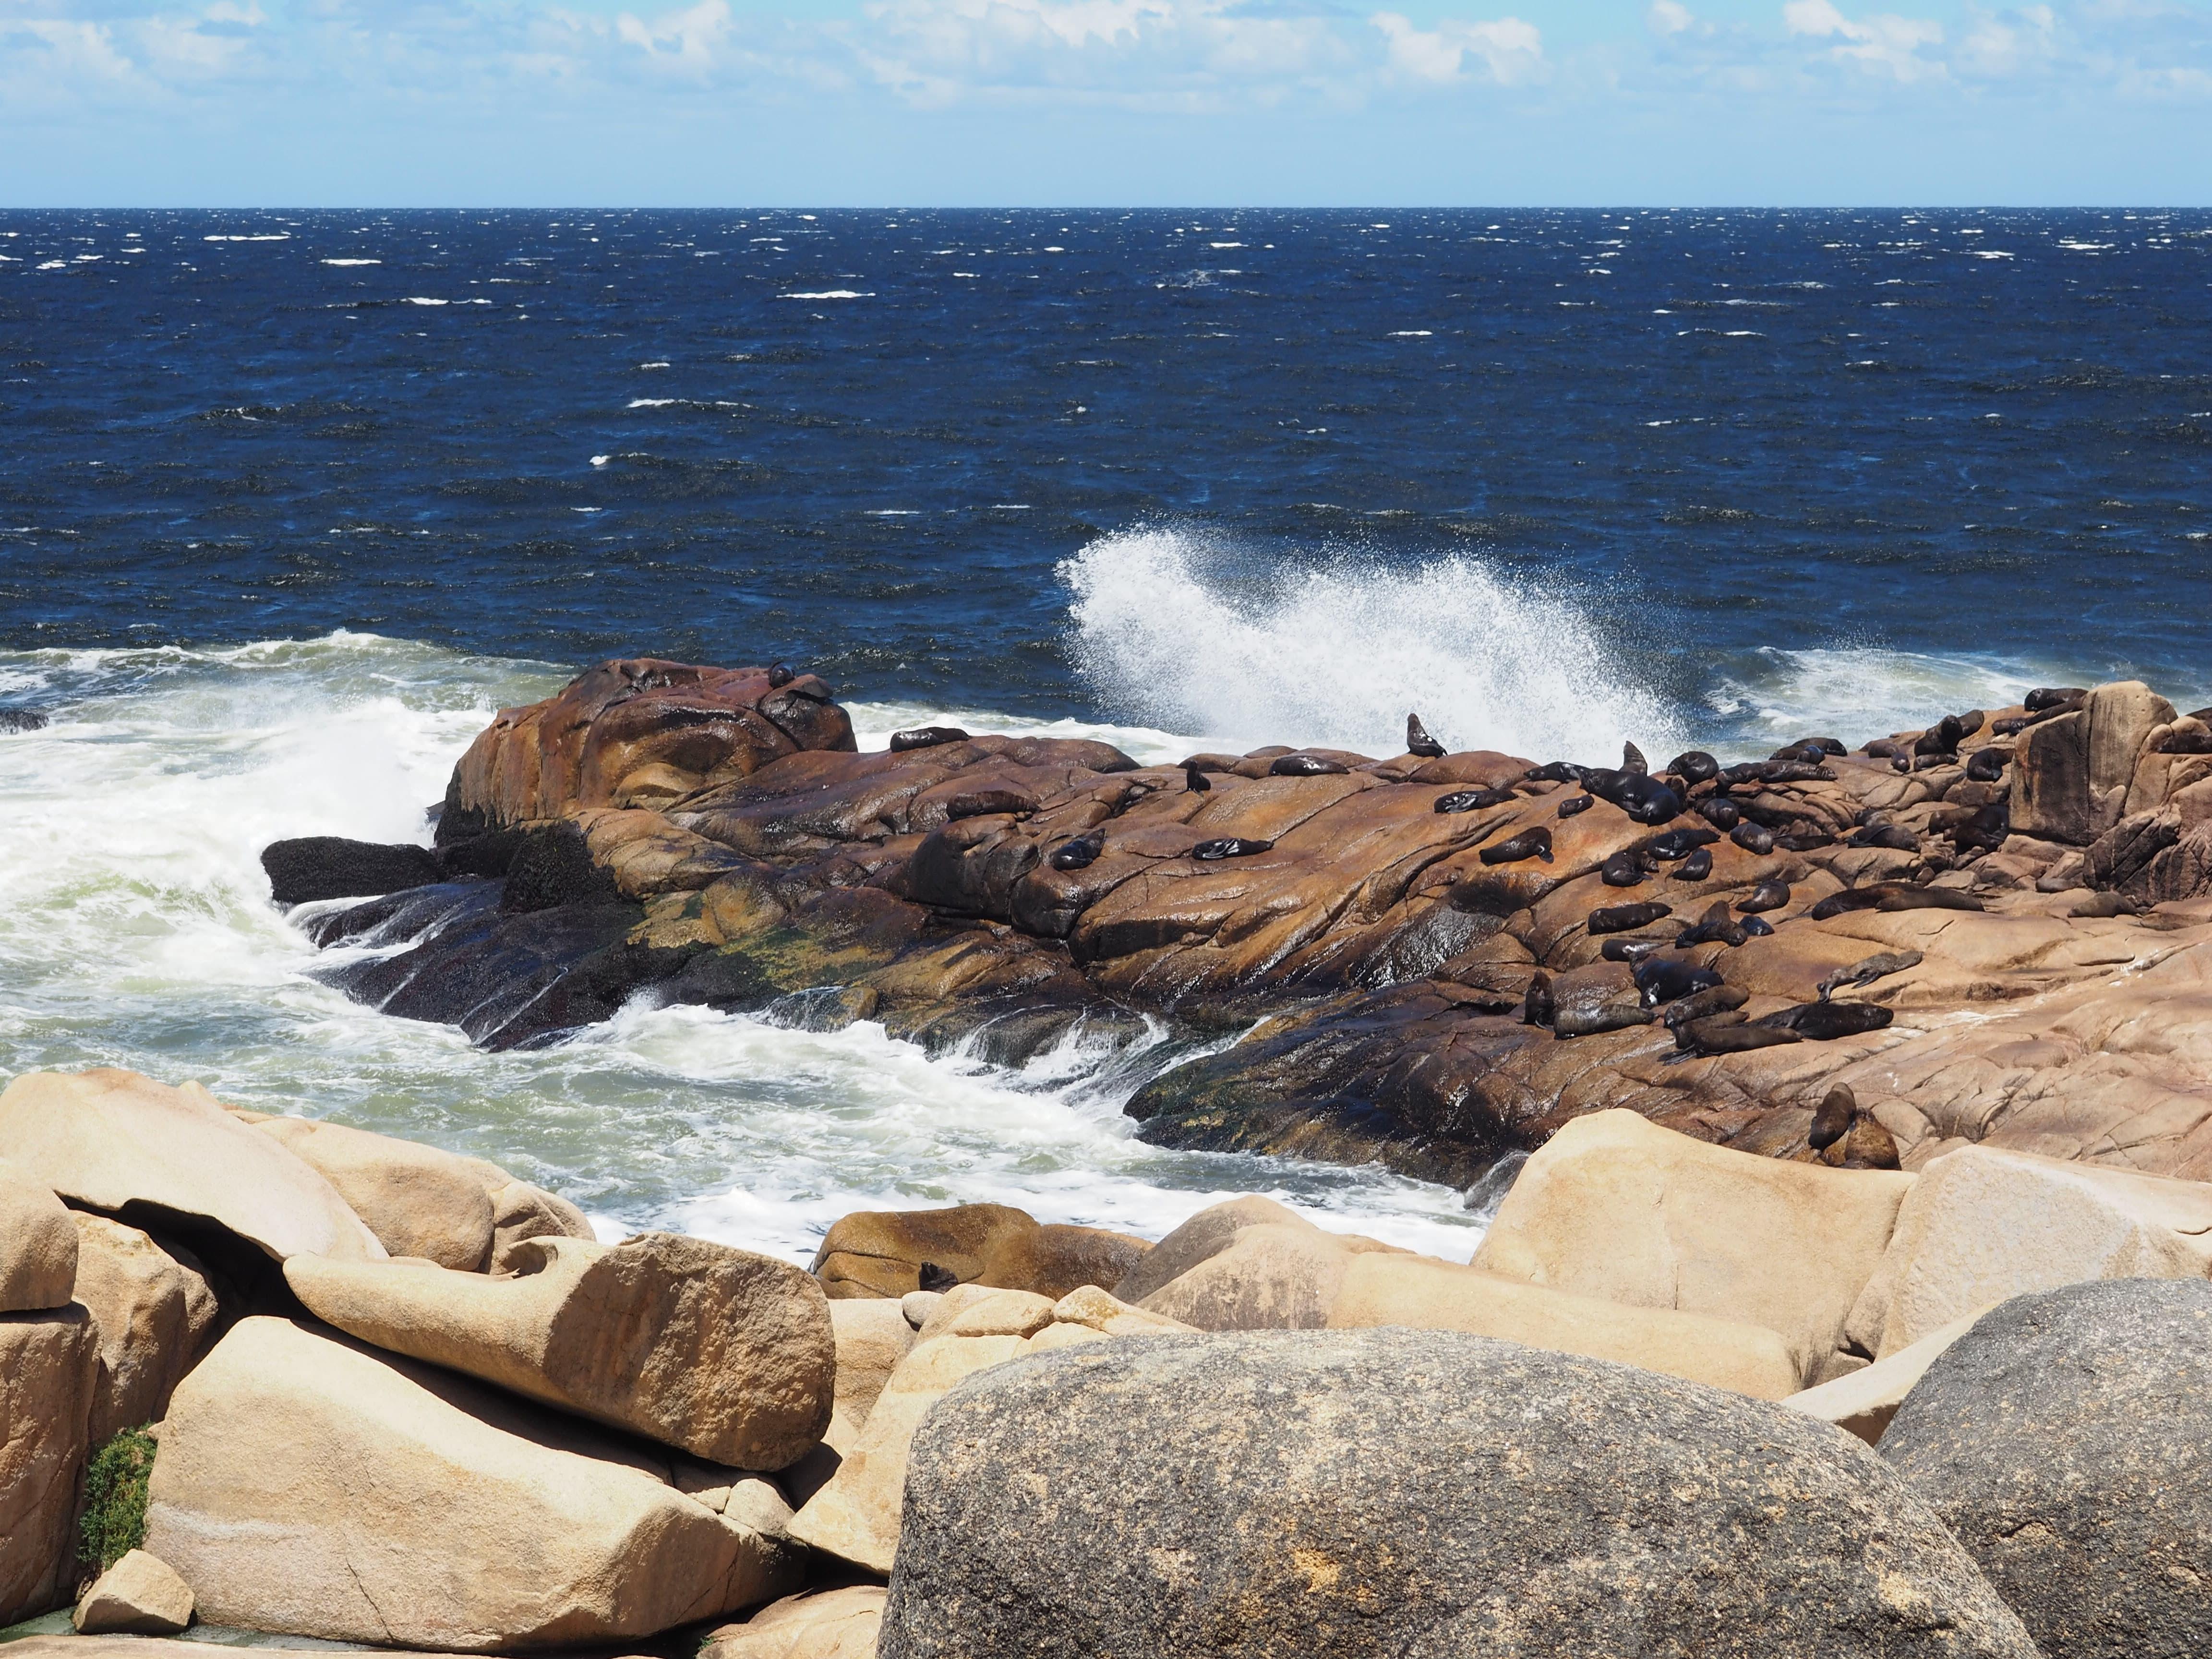 Qué ver en Cabo Polonio; Leones y lobos marinos